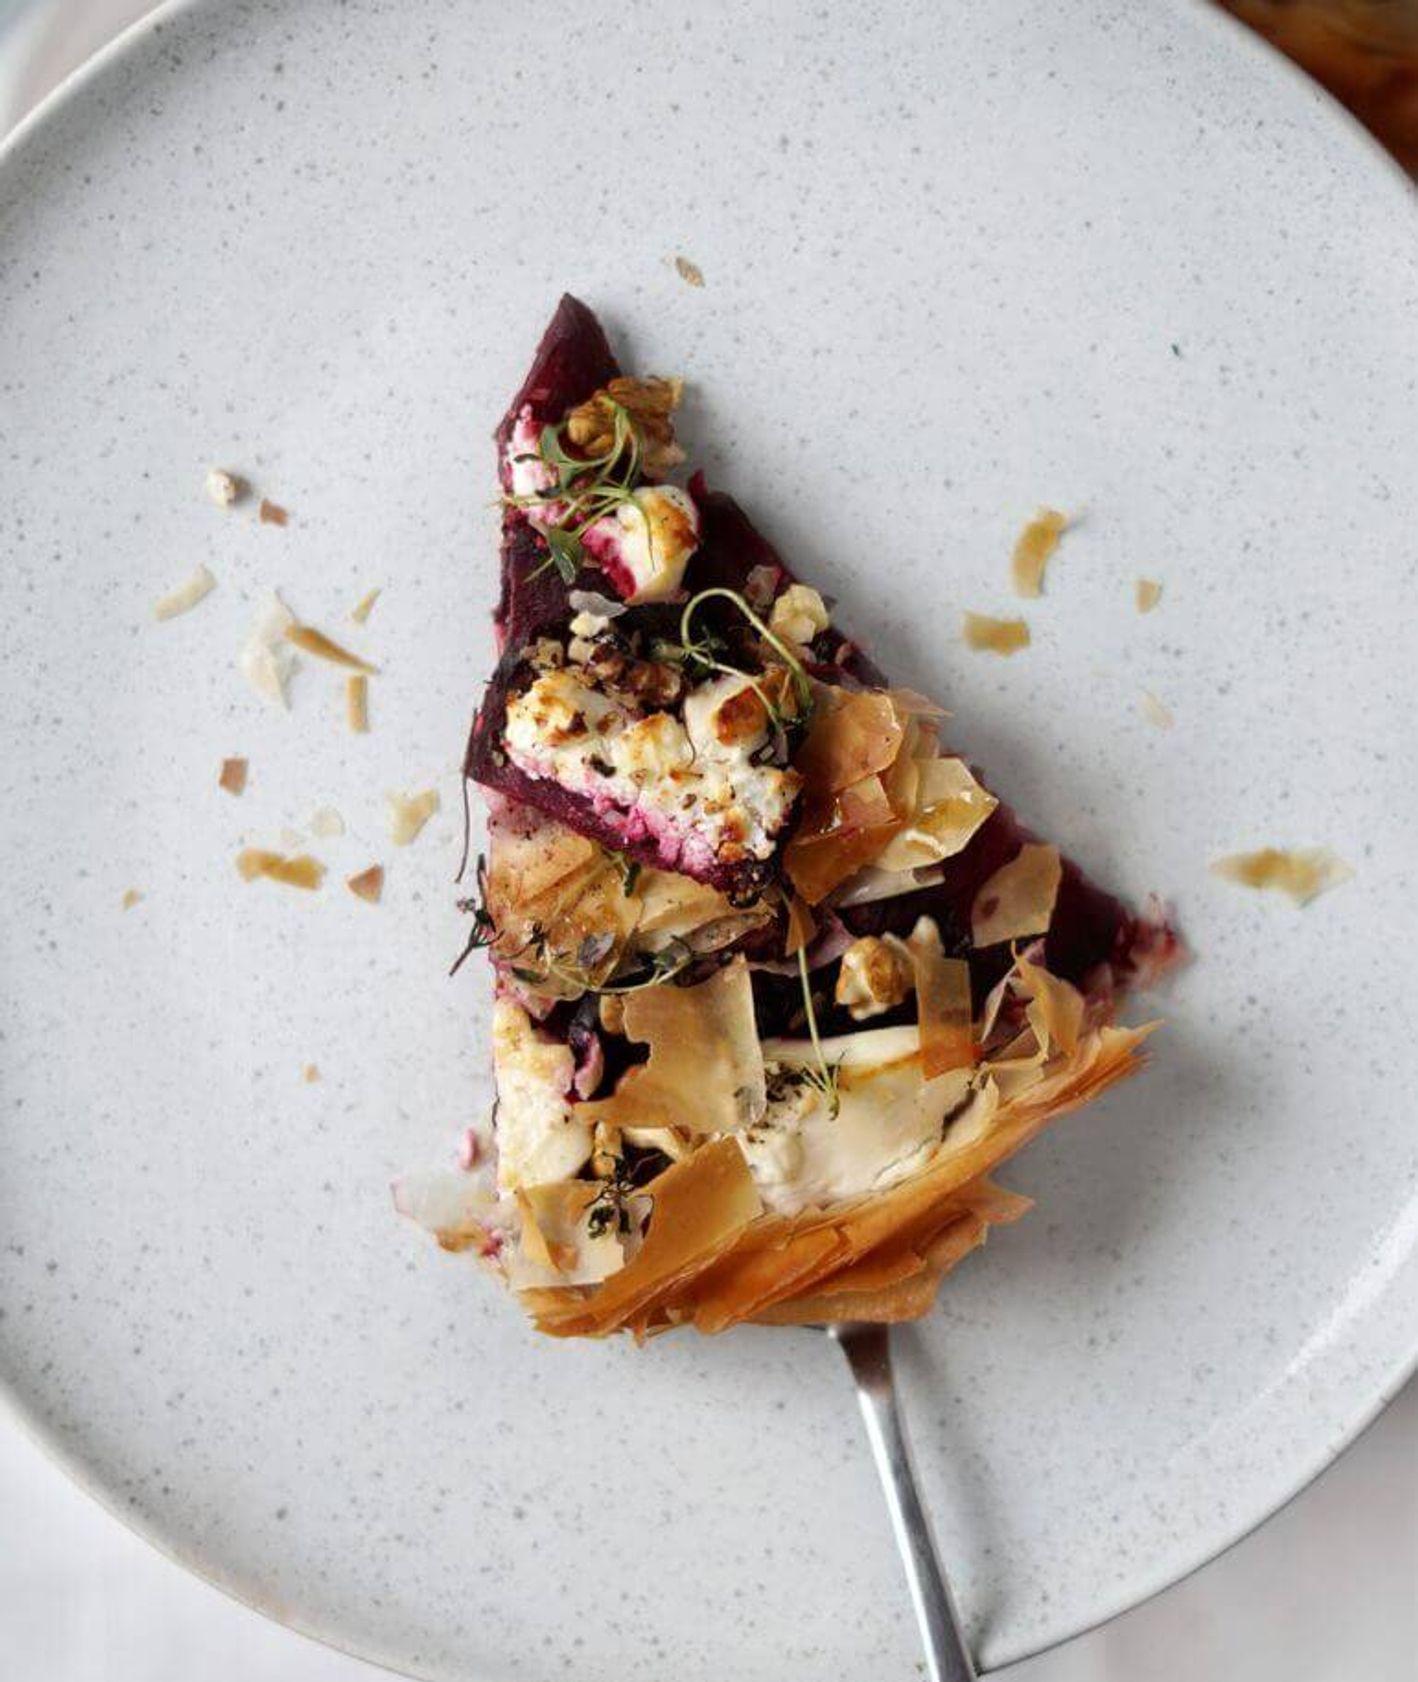 tarta z ciasta filo z burakami i kozim serem, ciasto filo, tarta z burakami, tarta z kozim serem, tarta z seem, prosta tarta z burakami, buraki z miodem i tymiankiem